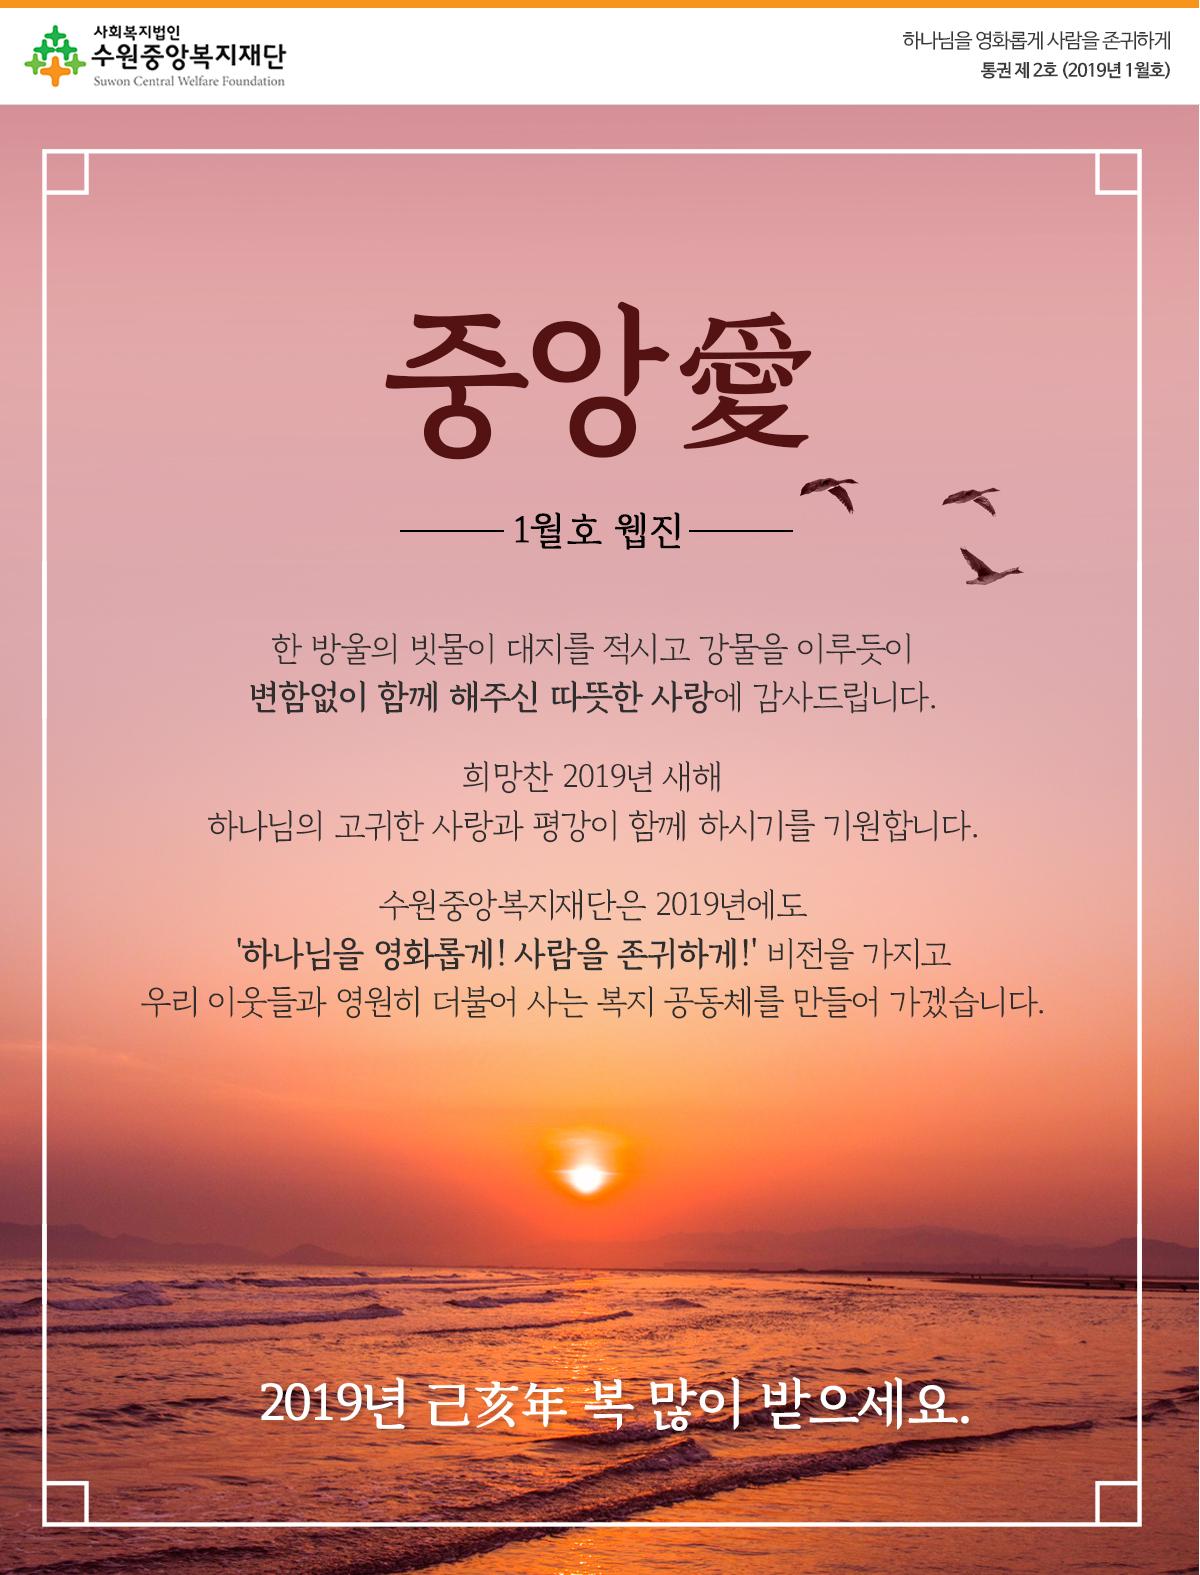 수원중앙복지재단 웹진 2019년 1월호